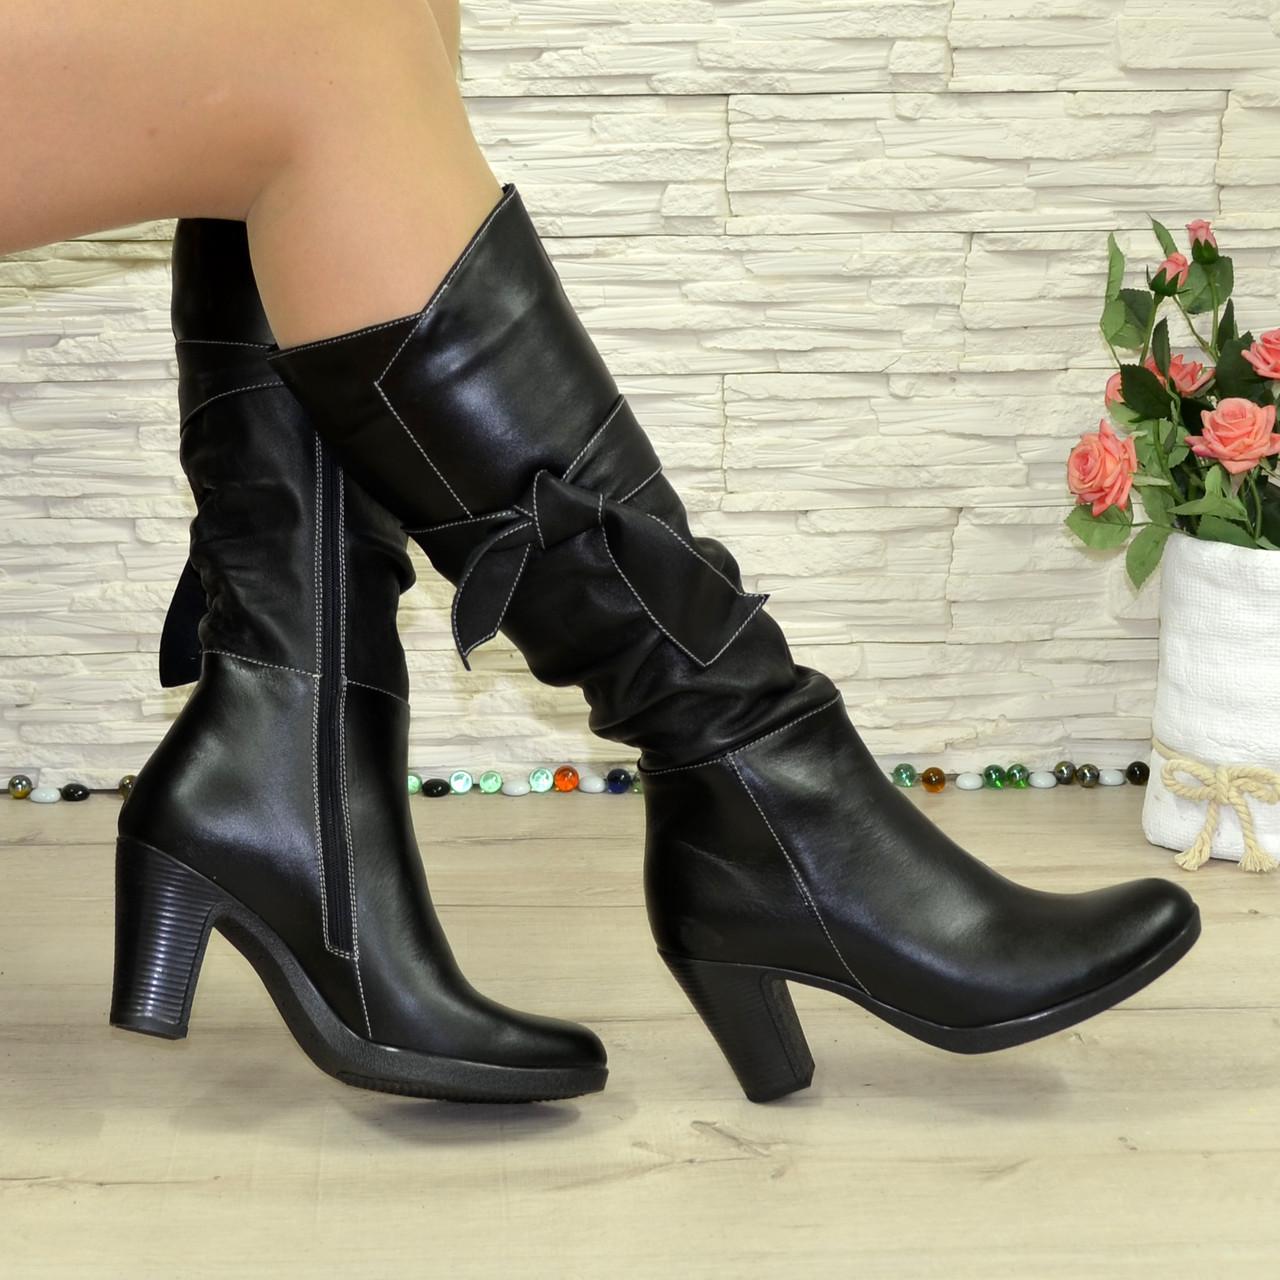 b9b643afb Женские кожаные зимние сапоги на высоком каблуке. В наличии 37,41 размеры -  Интернет